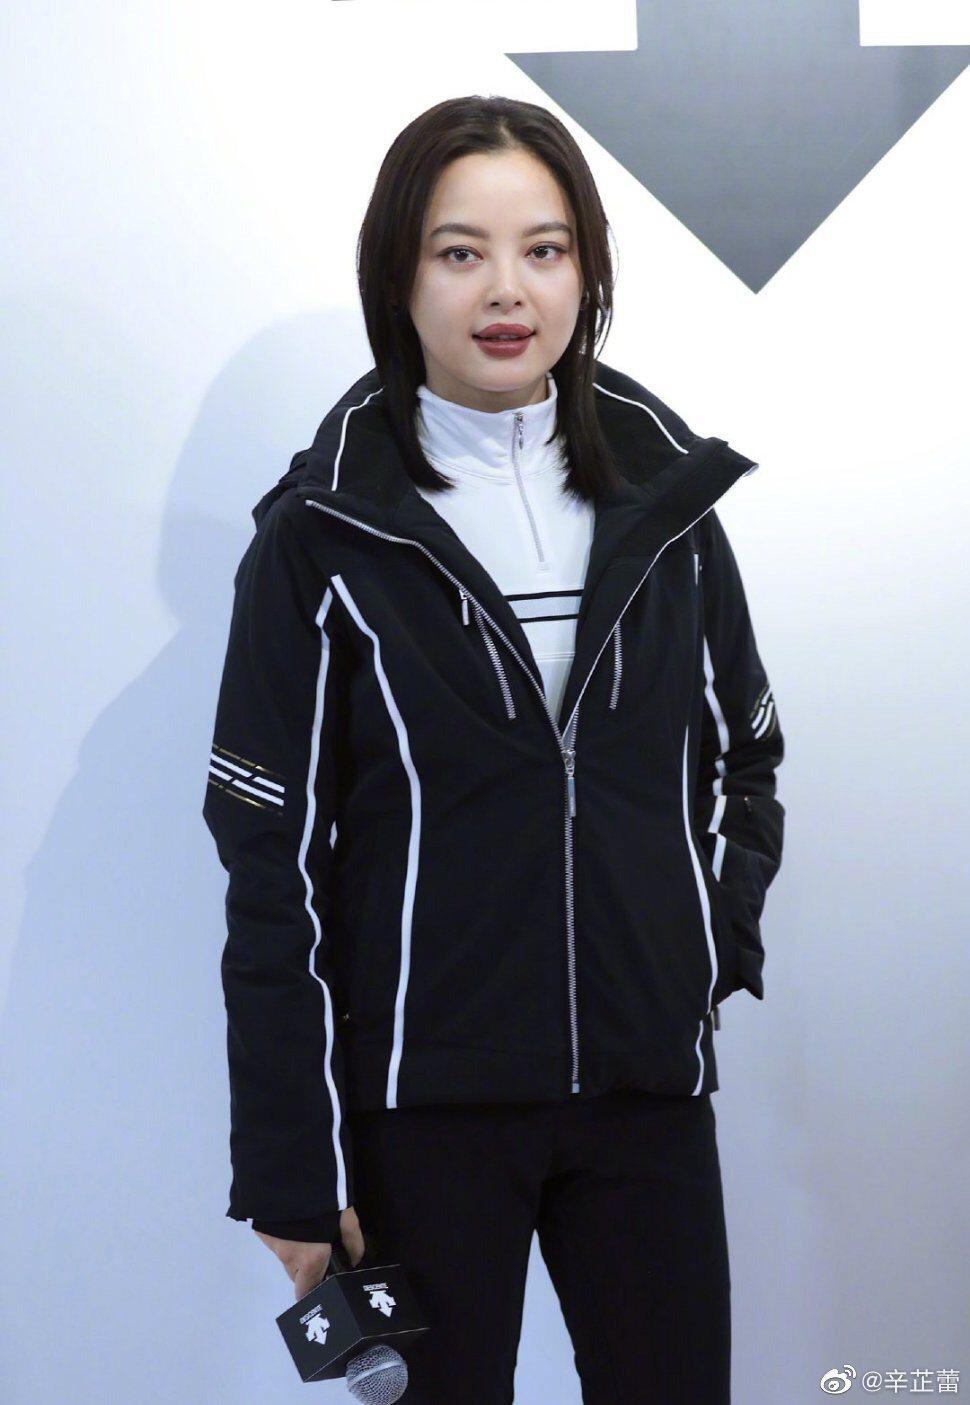 「如懿傳」嘉貴妃辛芷蕾出席活動被拍到臉部腫了的照片,引發熱烈討論。圖/摘自微博